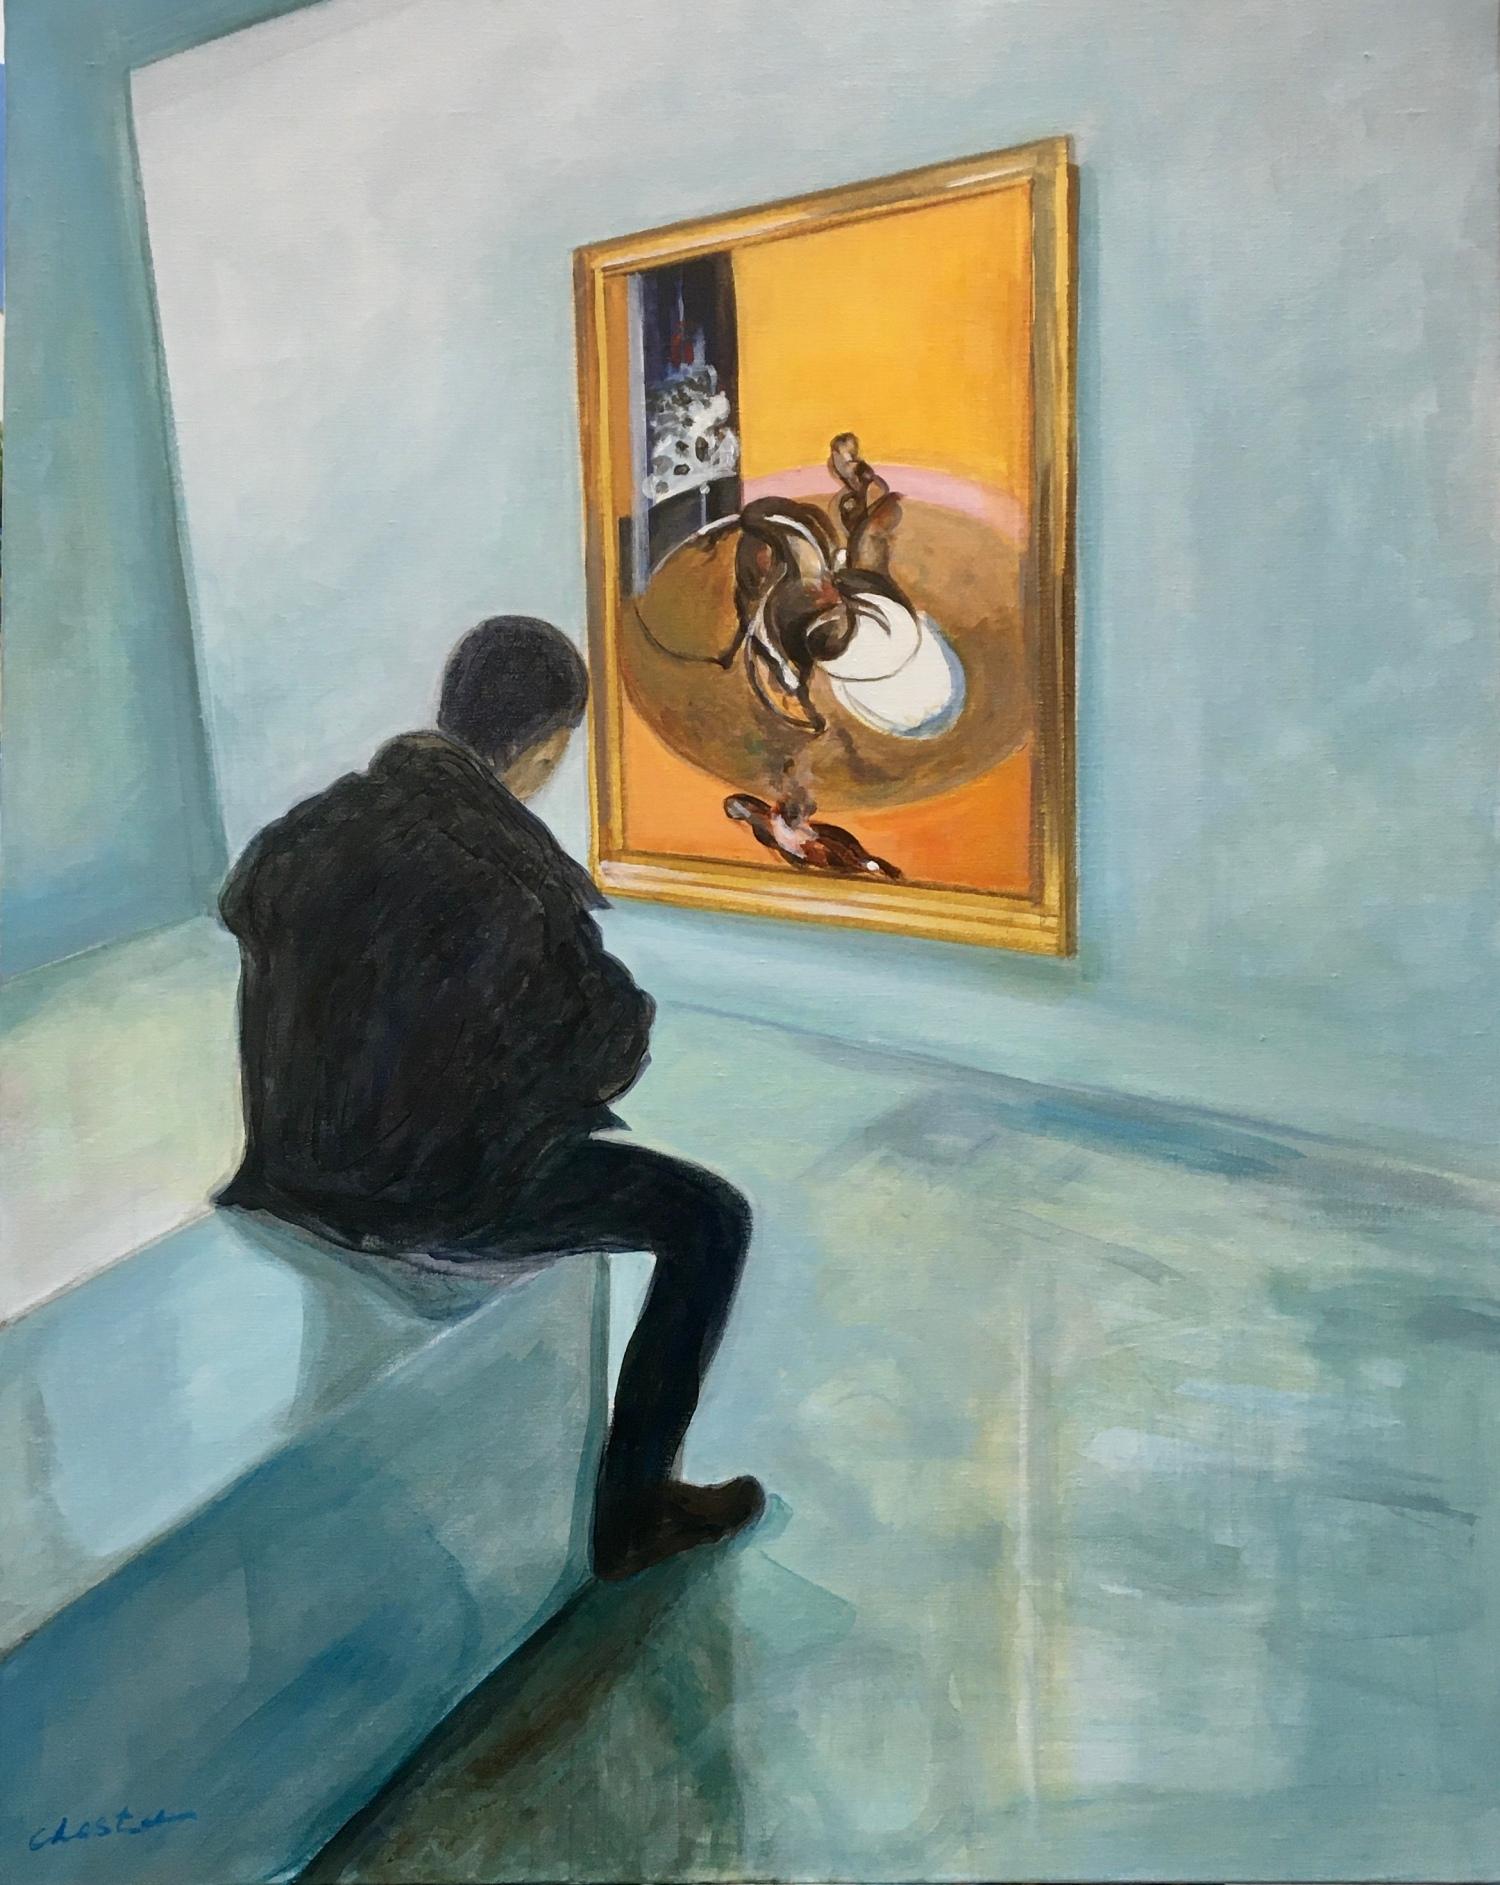 Médusé acrylique sur toile 92×73 cm, 2020 Jacqueline Chesta peinture